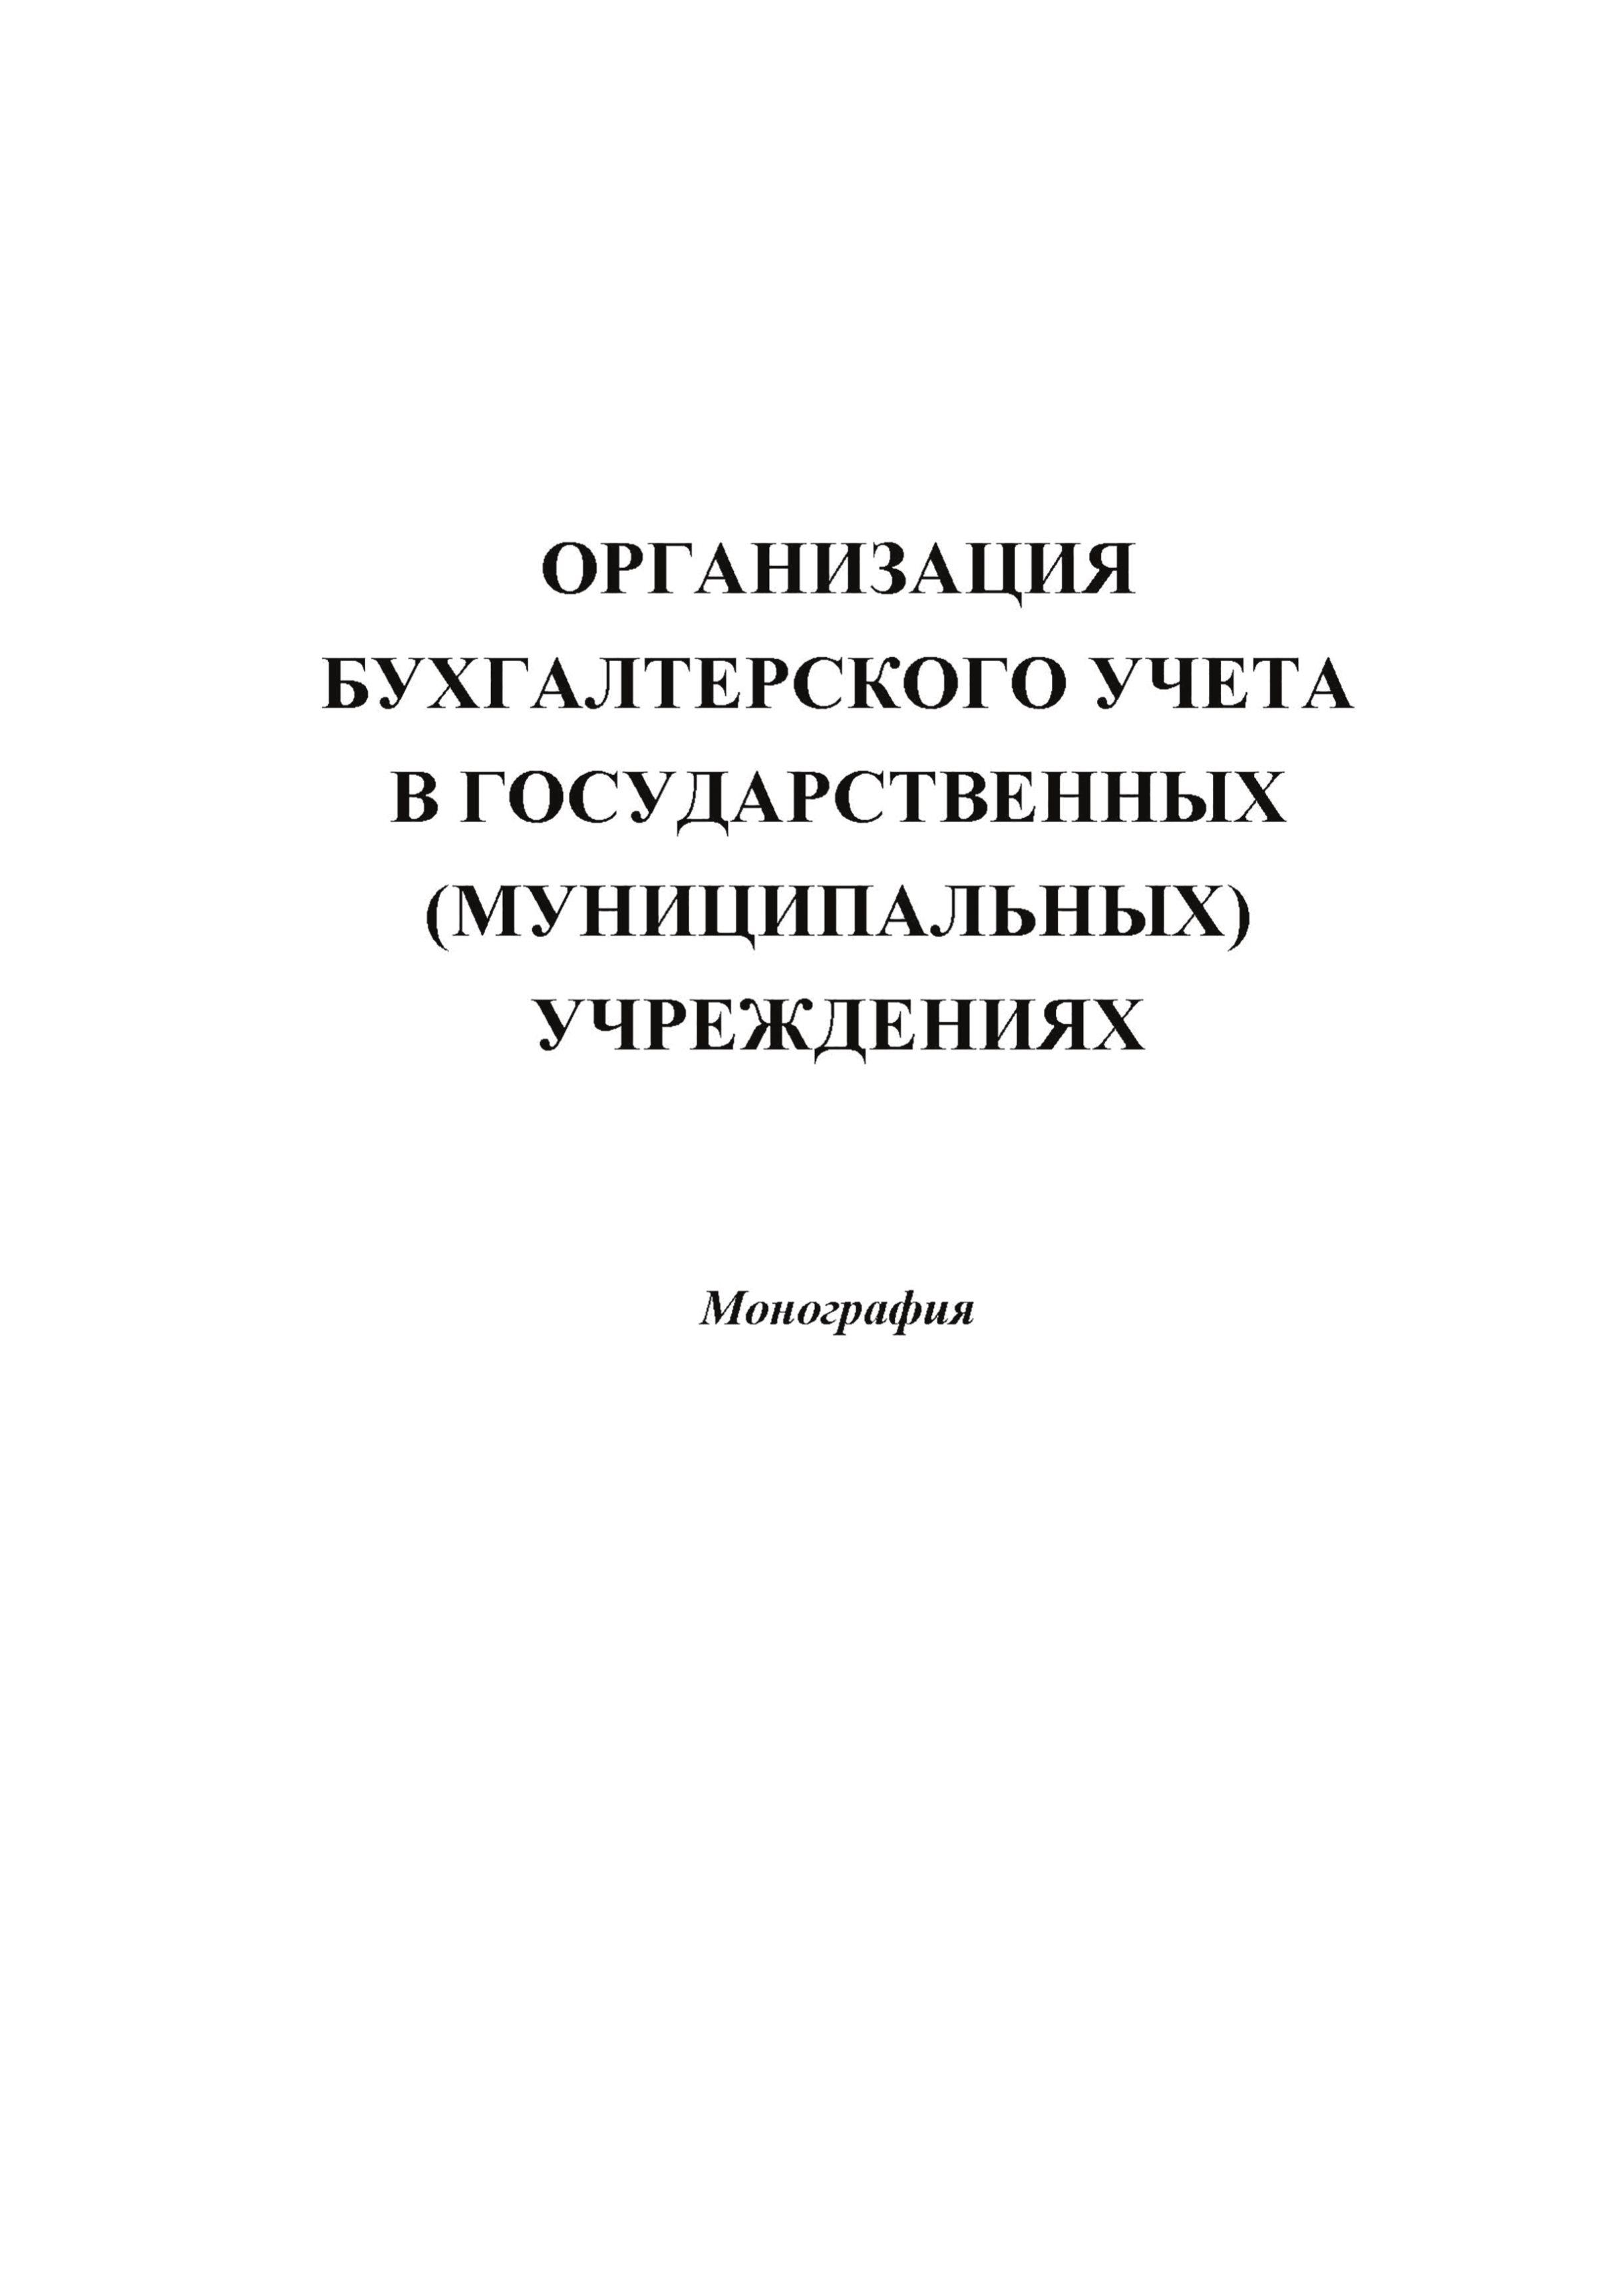 фото обложки издания Организация бухгалтерского учета в государственных (муниципальных) учреждениях